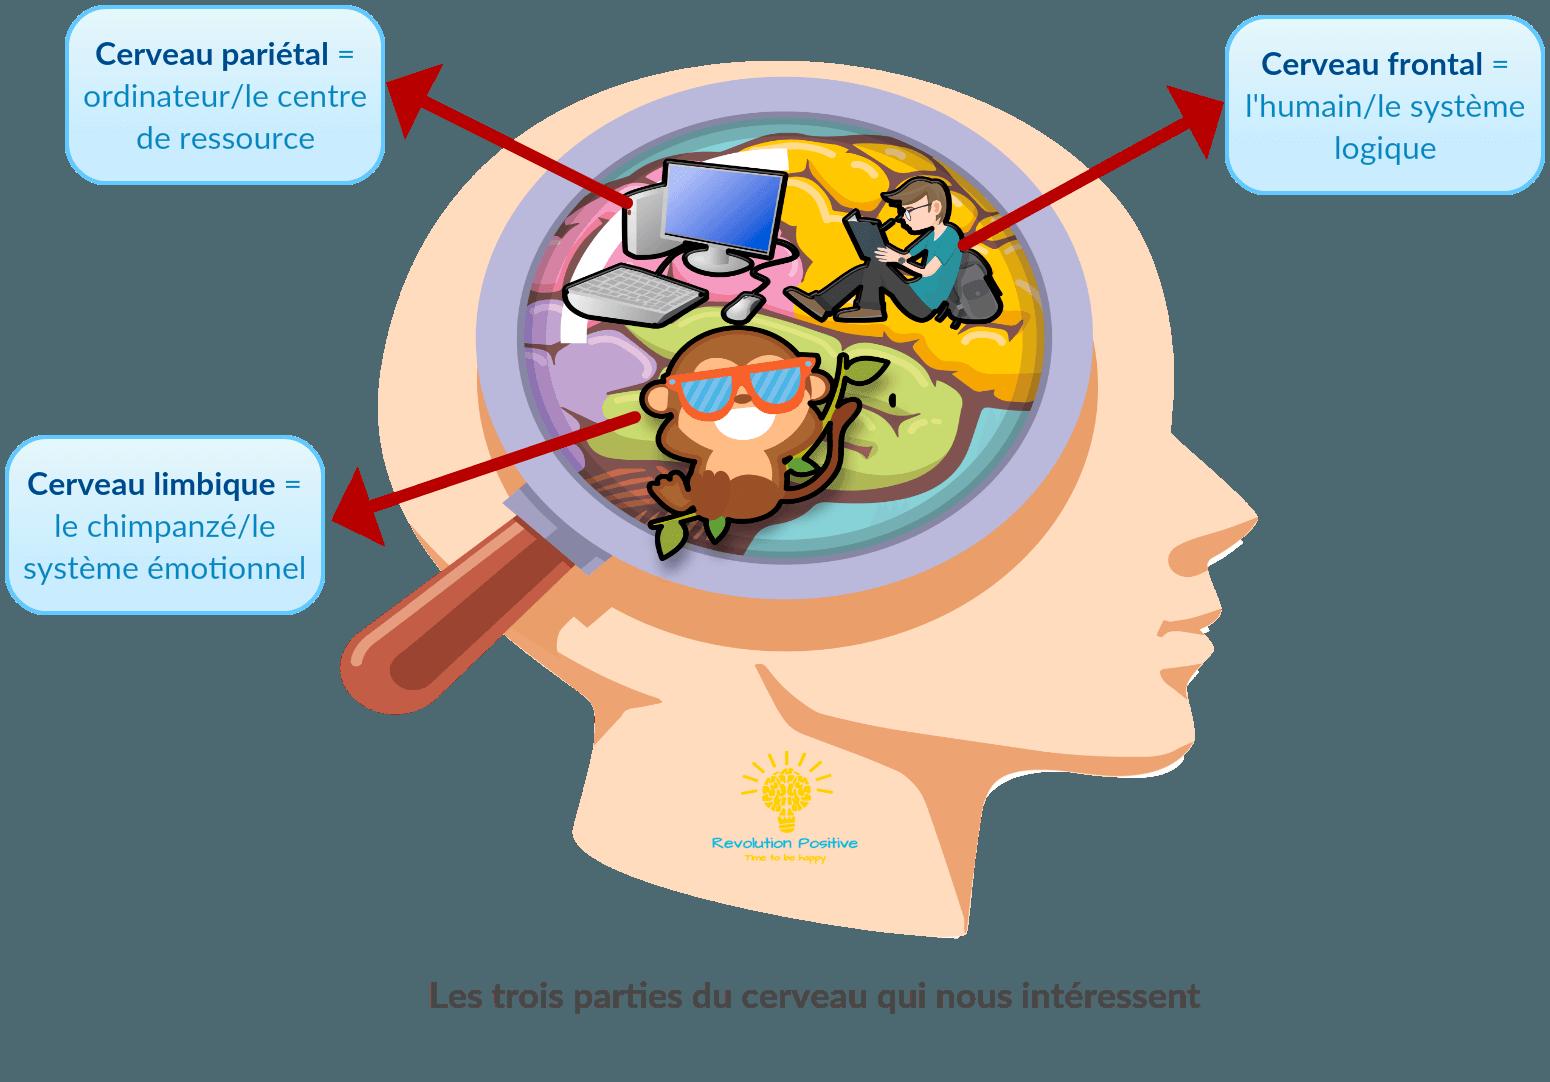 Trois parties du cerveau qui sont important : le cerveau limbique qui est le système émotionnel, le cerveau pariétal qui le centre de ressource et le cerveau frontal qui s'occupe de la logique et du rationnel. Mieux comprendre et mieux gérer ses émotions